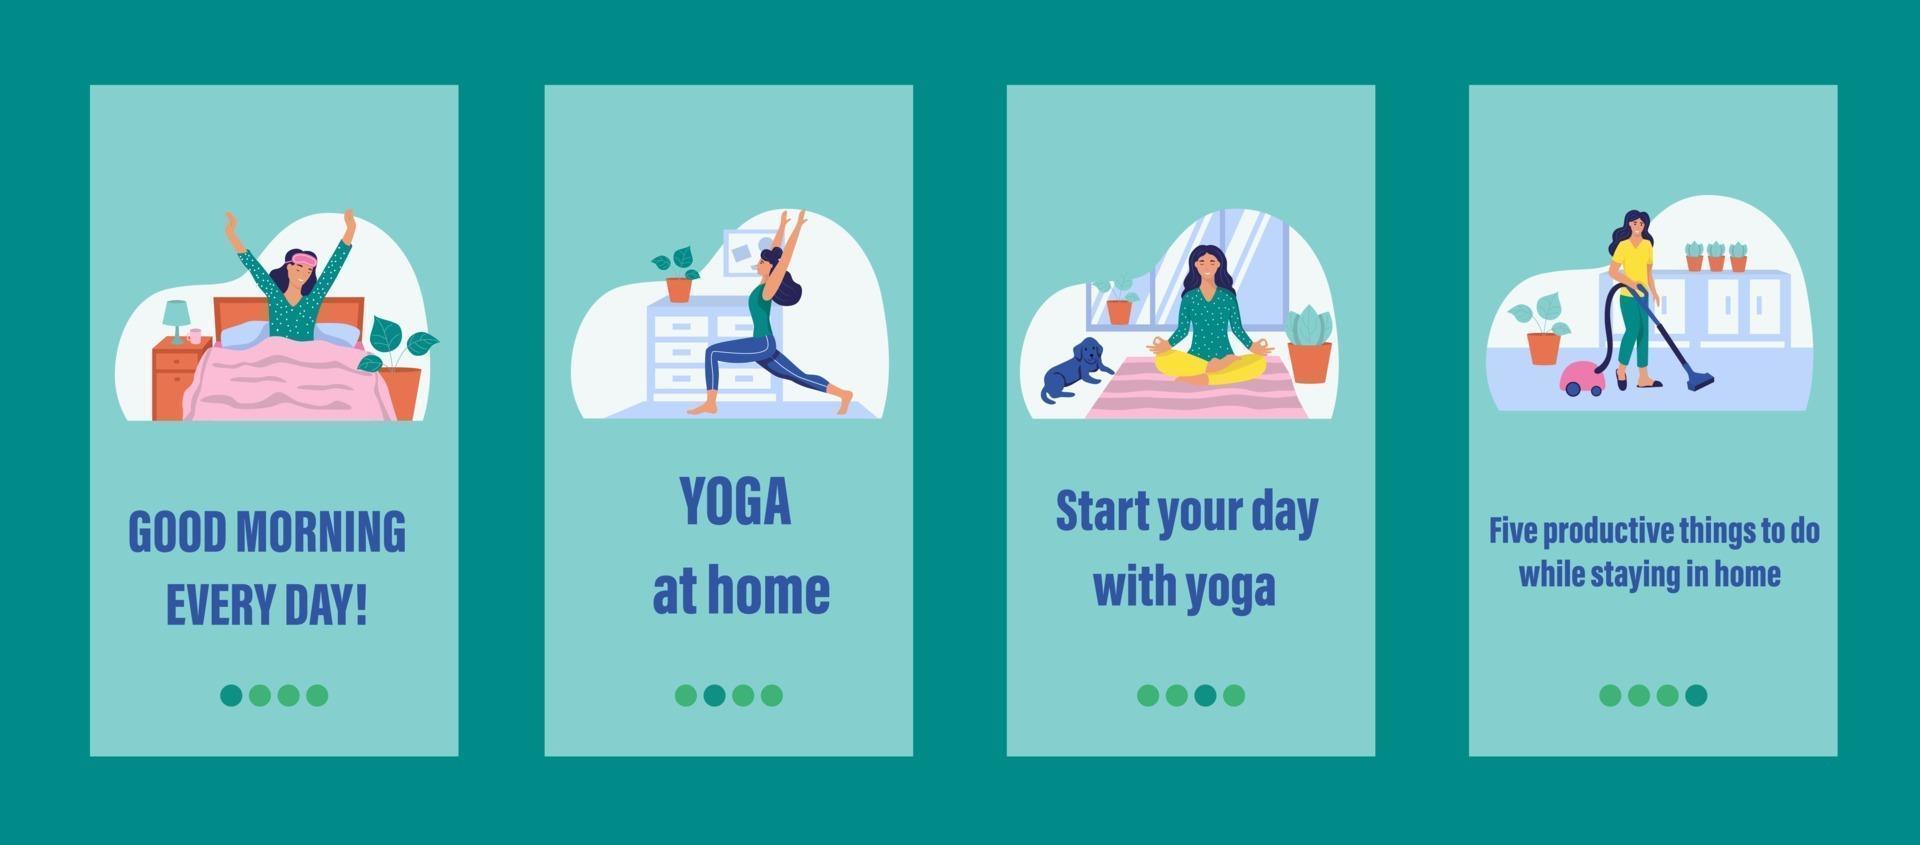 modelo de aplicativo móvel de vida diária. conceito de assuntos internos, auto-isolamento, esportes em casa. ilustração vetorial plana. vetor